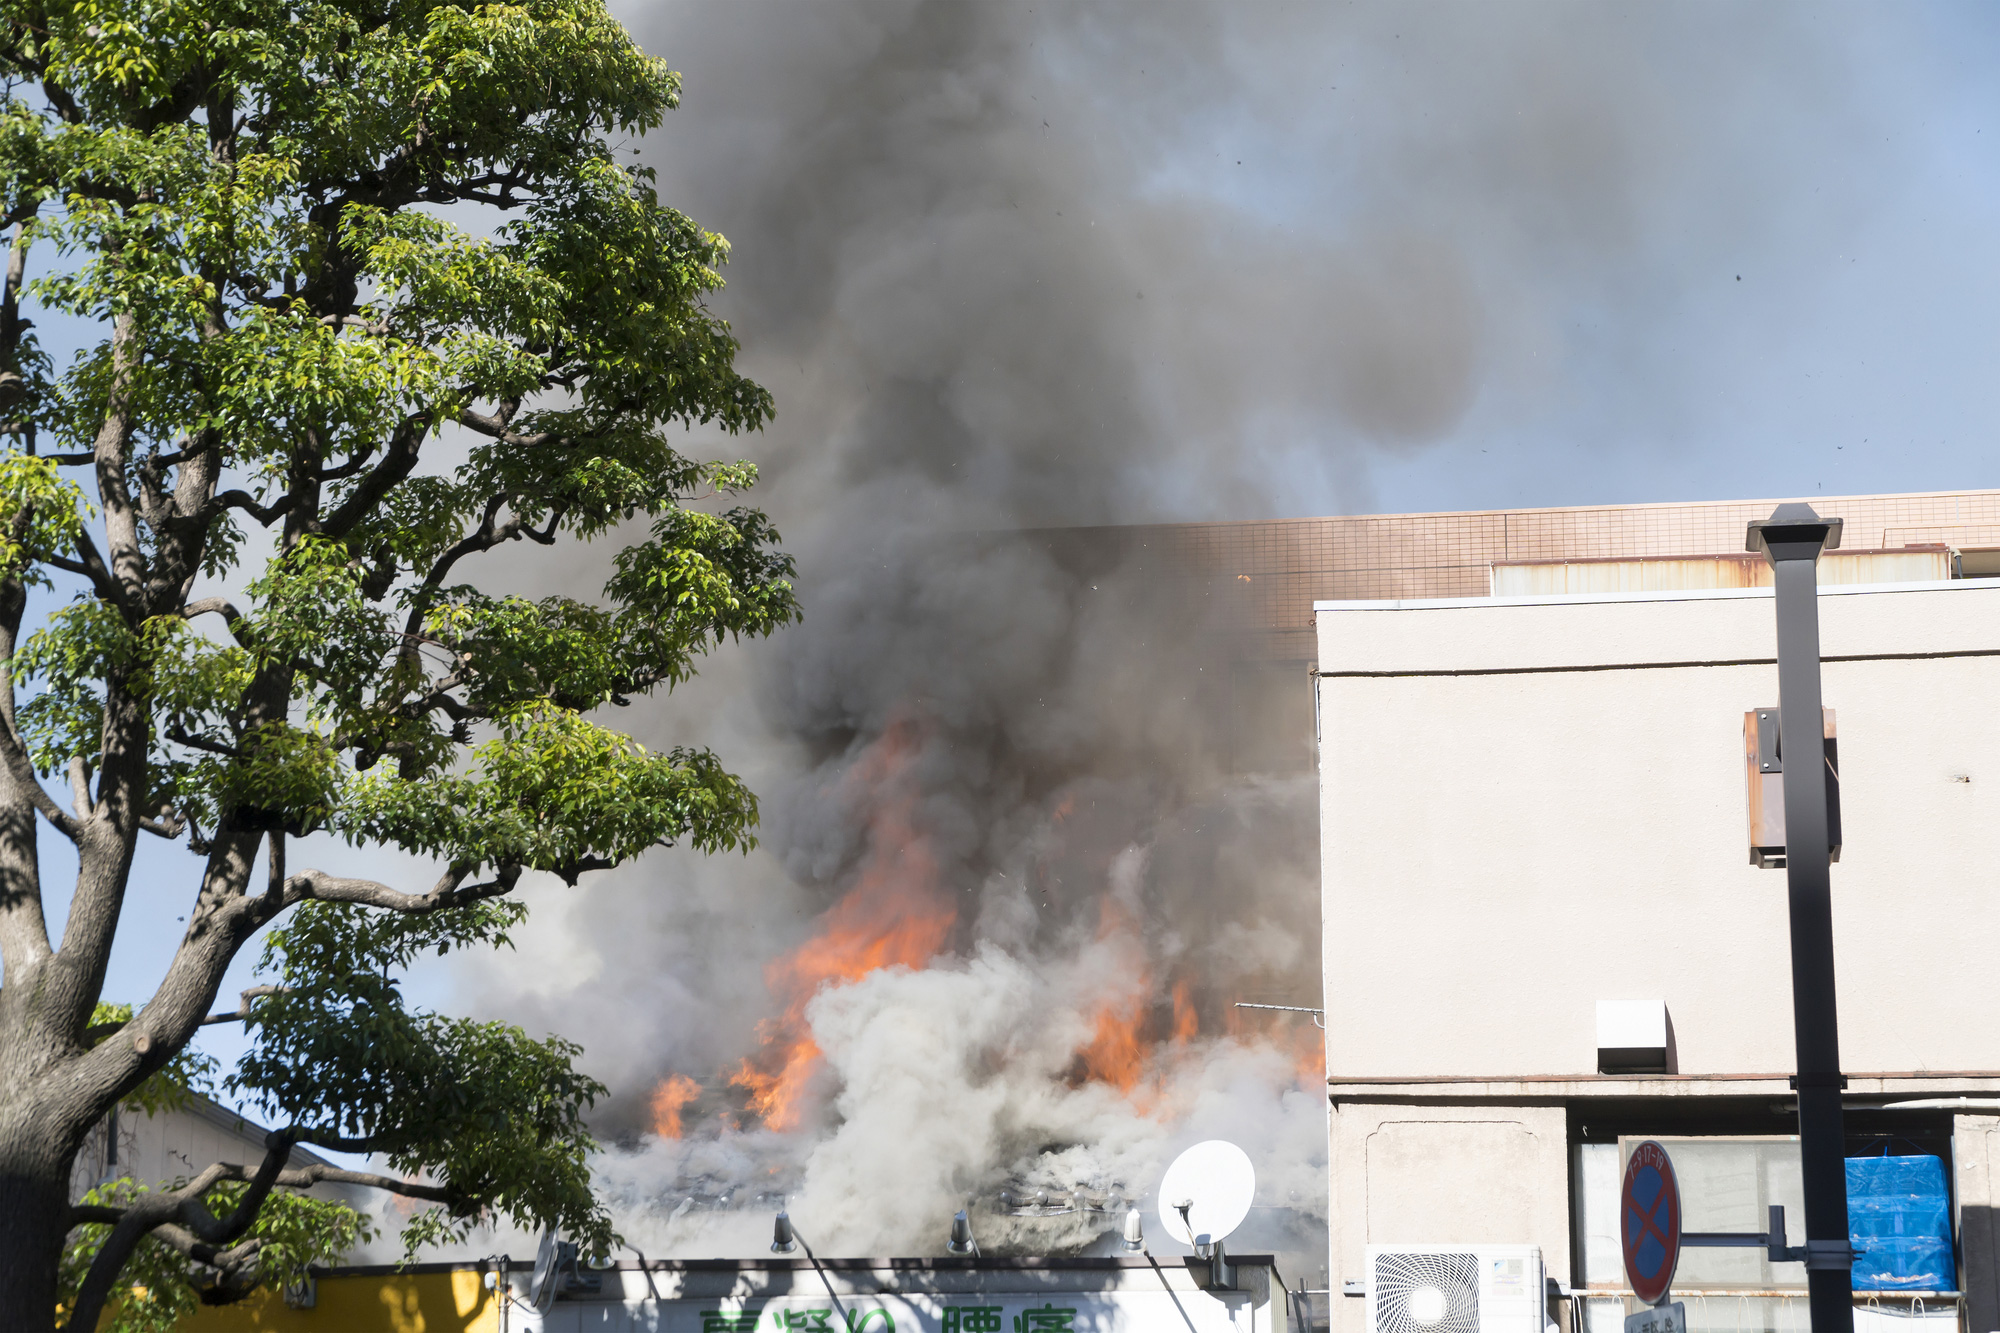 意外な出火原因と火災予防